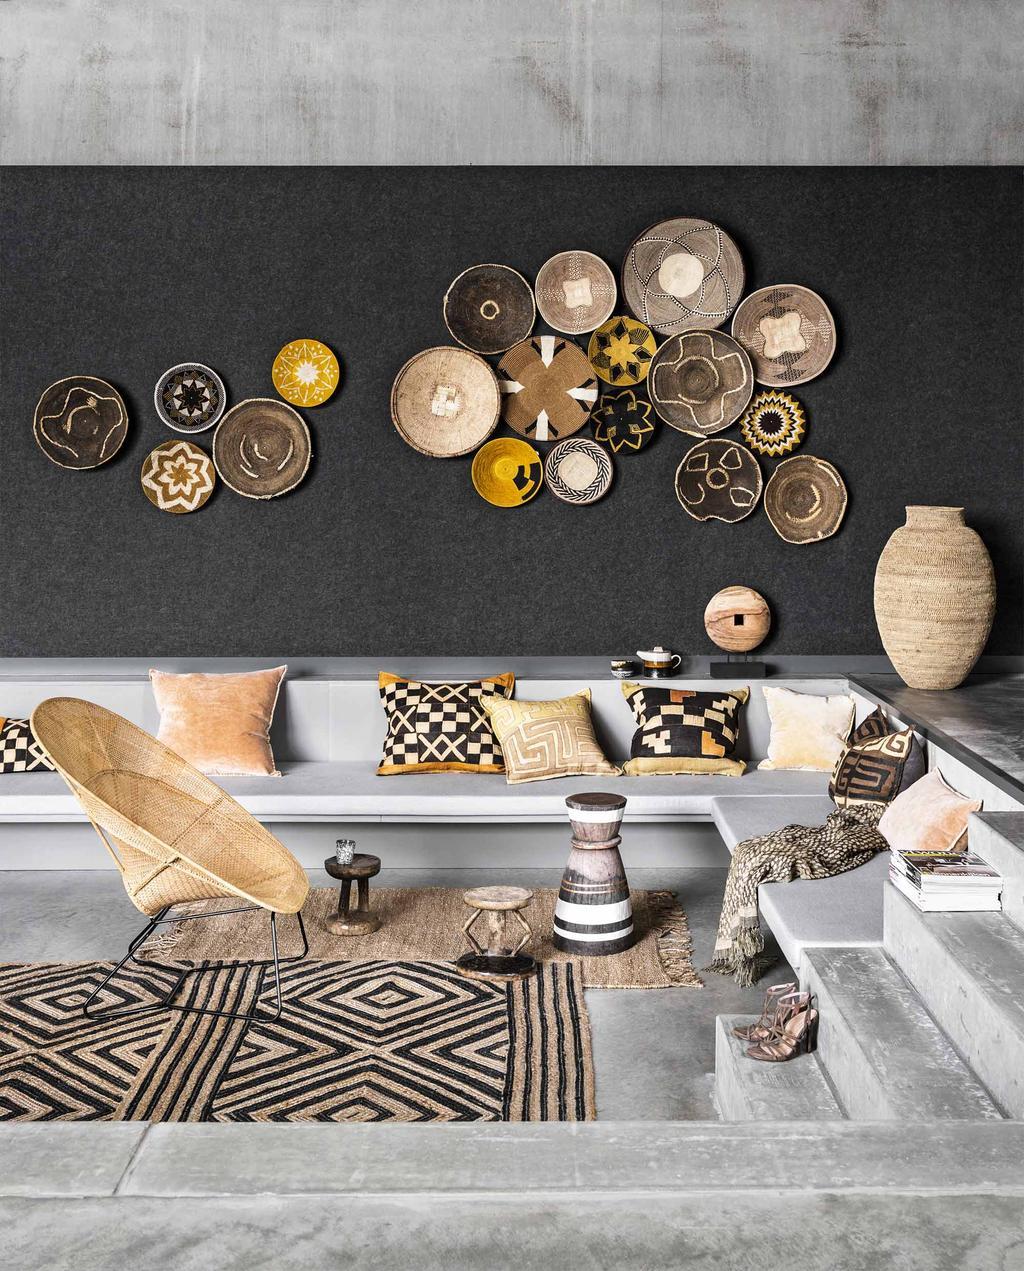 Zitkuil met wanddecoratie van rieten manden in een etnisch interieur